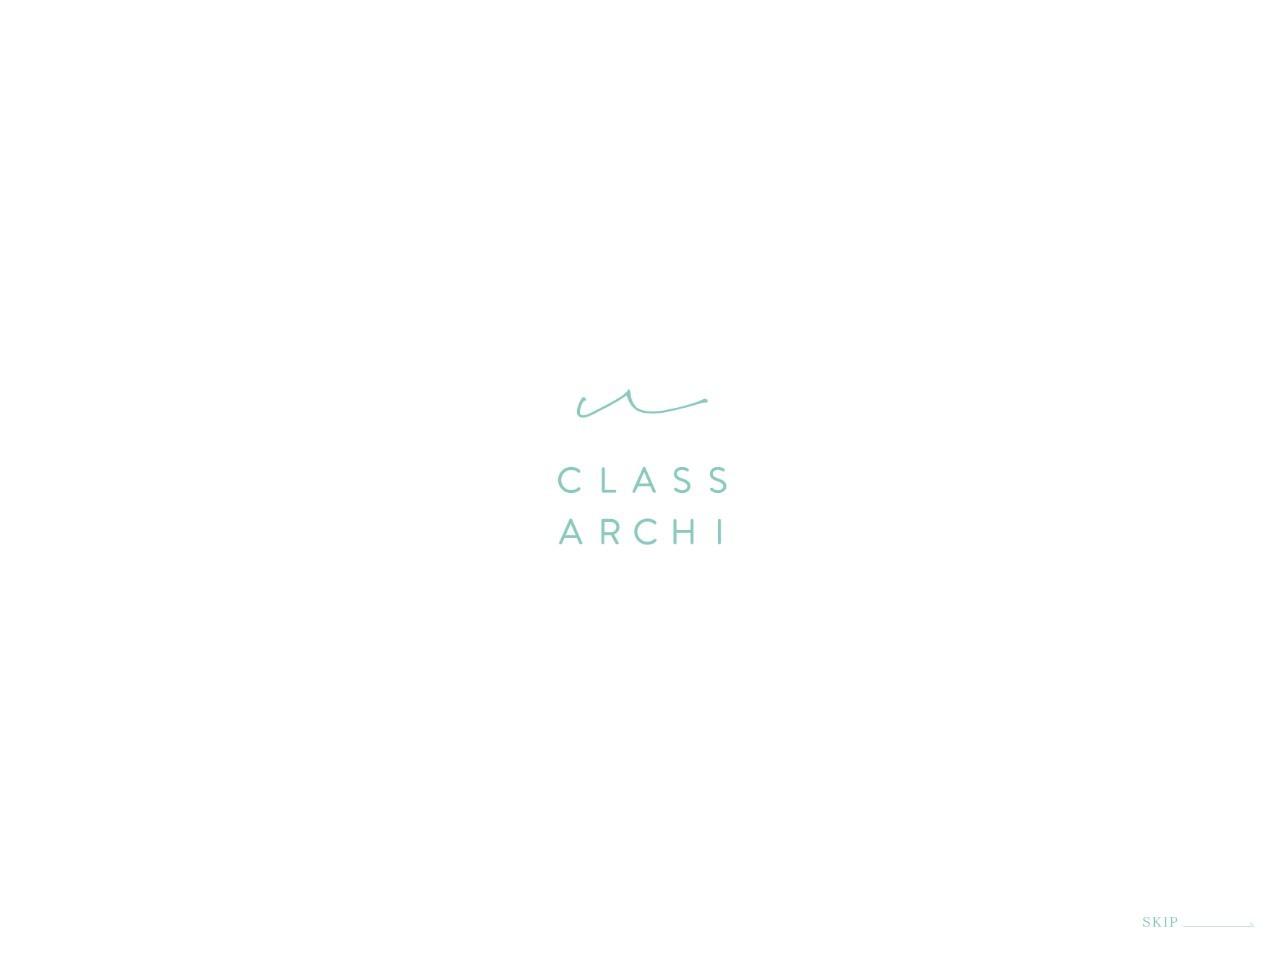 クラスアーキ(classarchi)